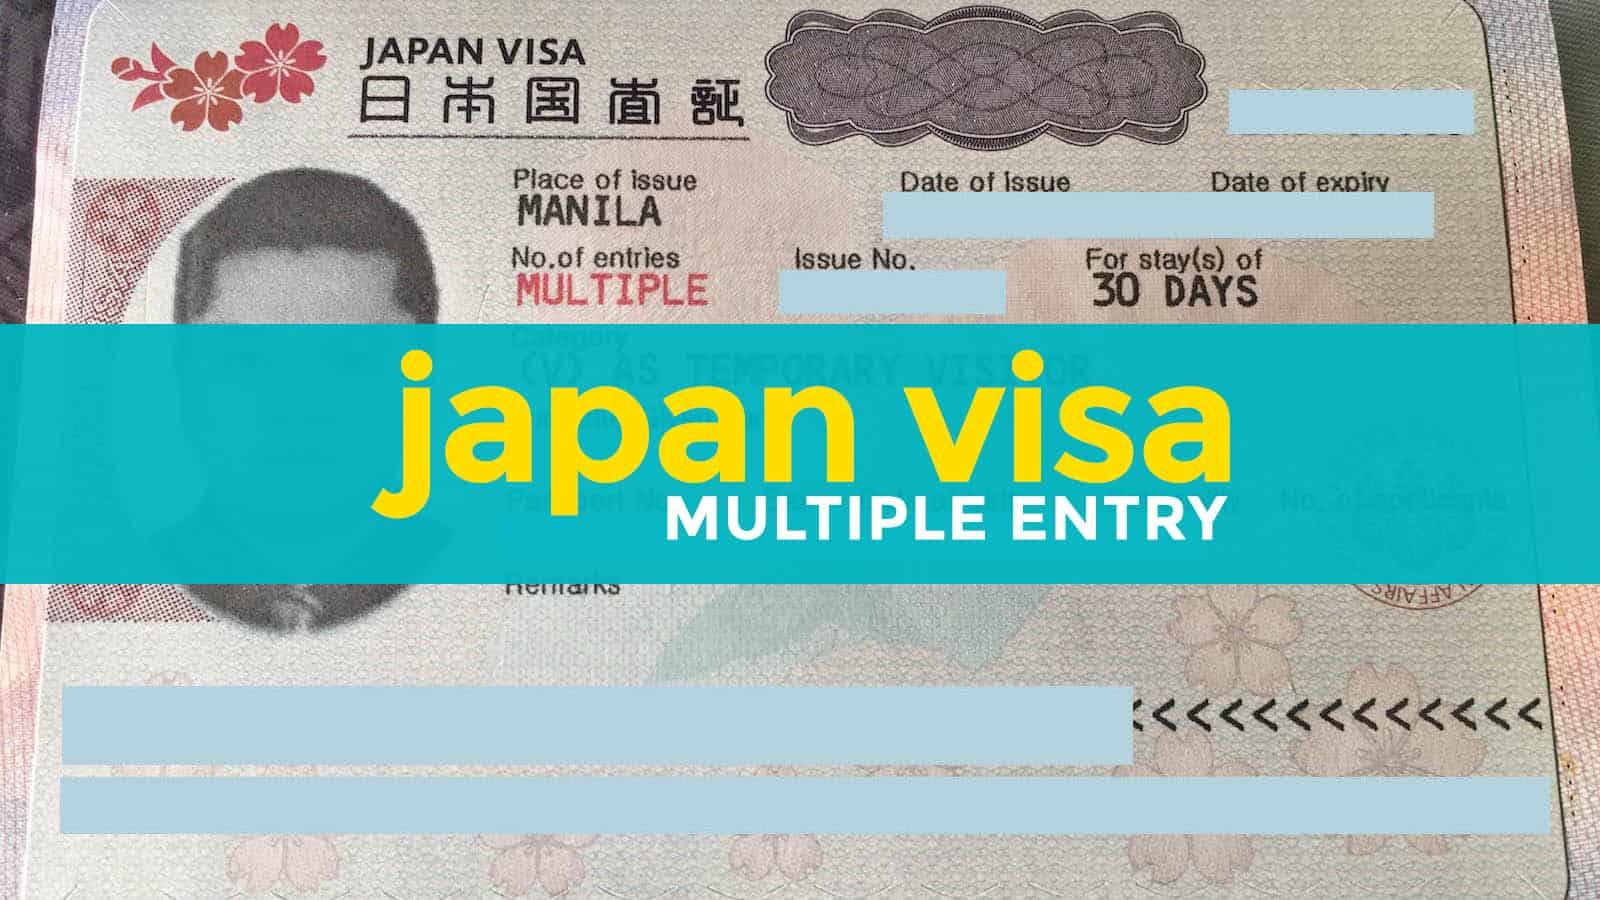 Japan Visa Traveler Tourism